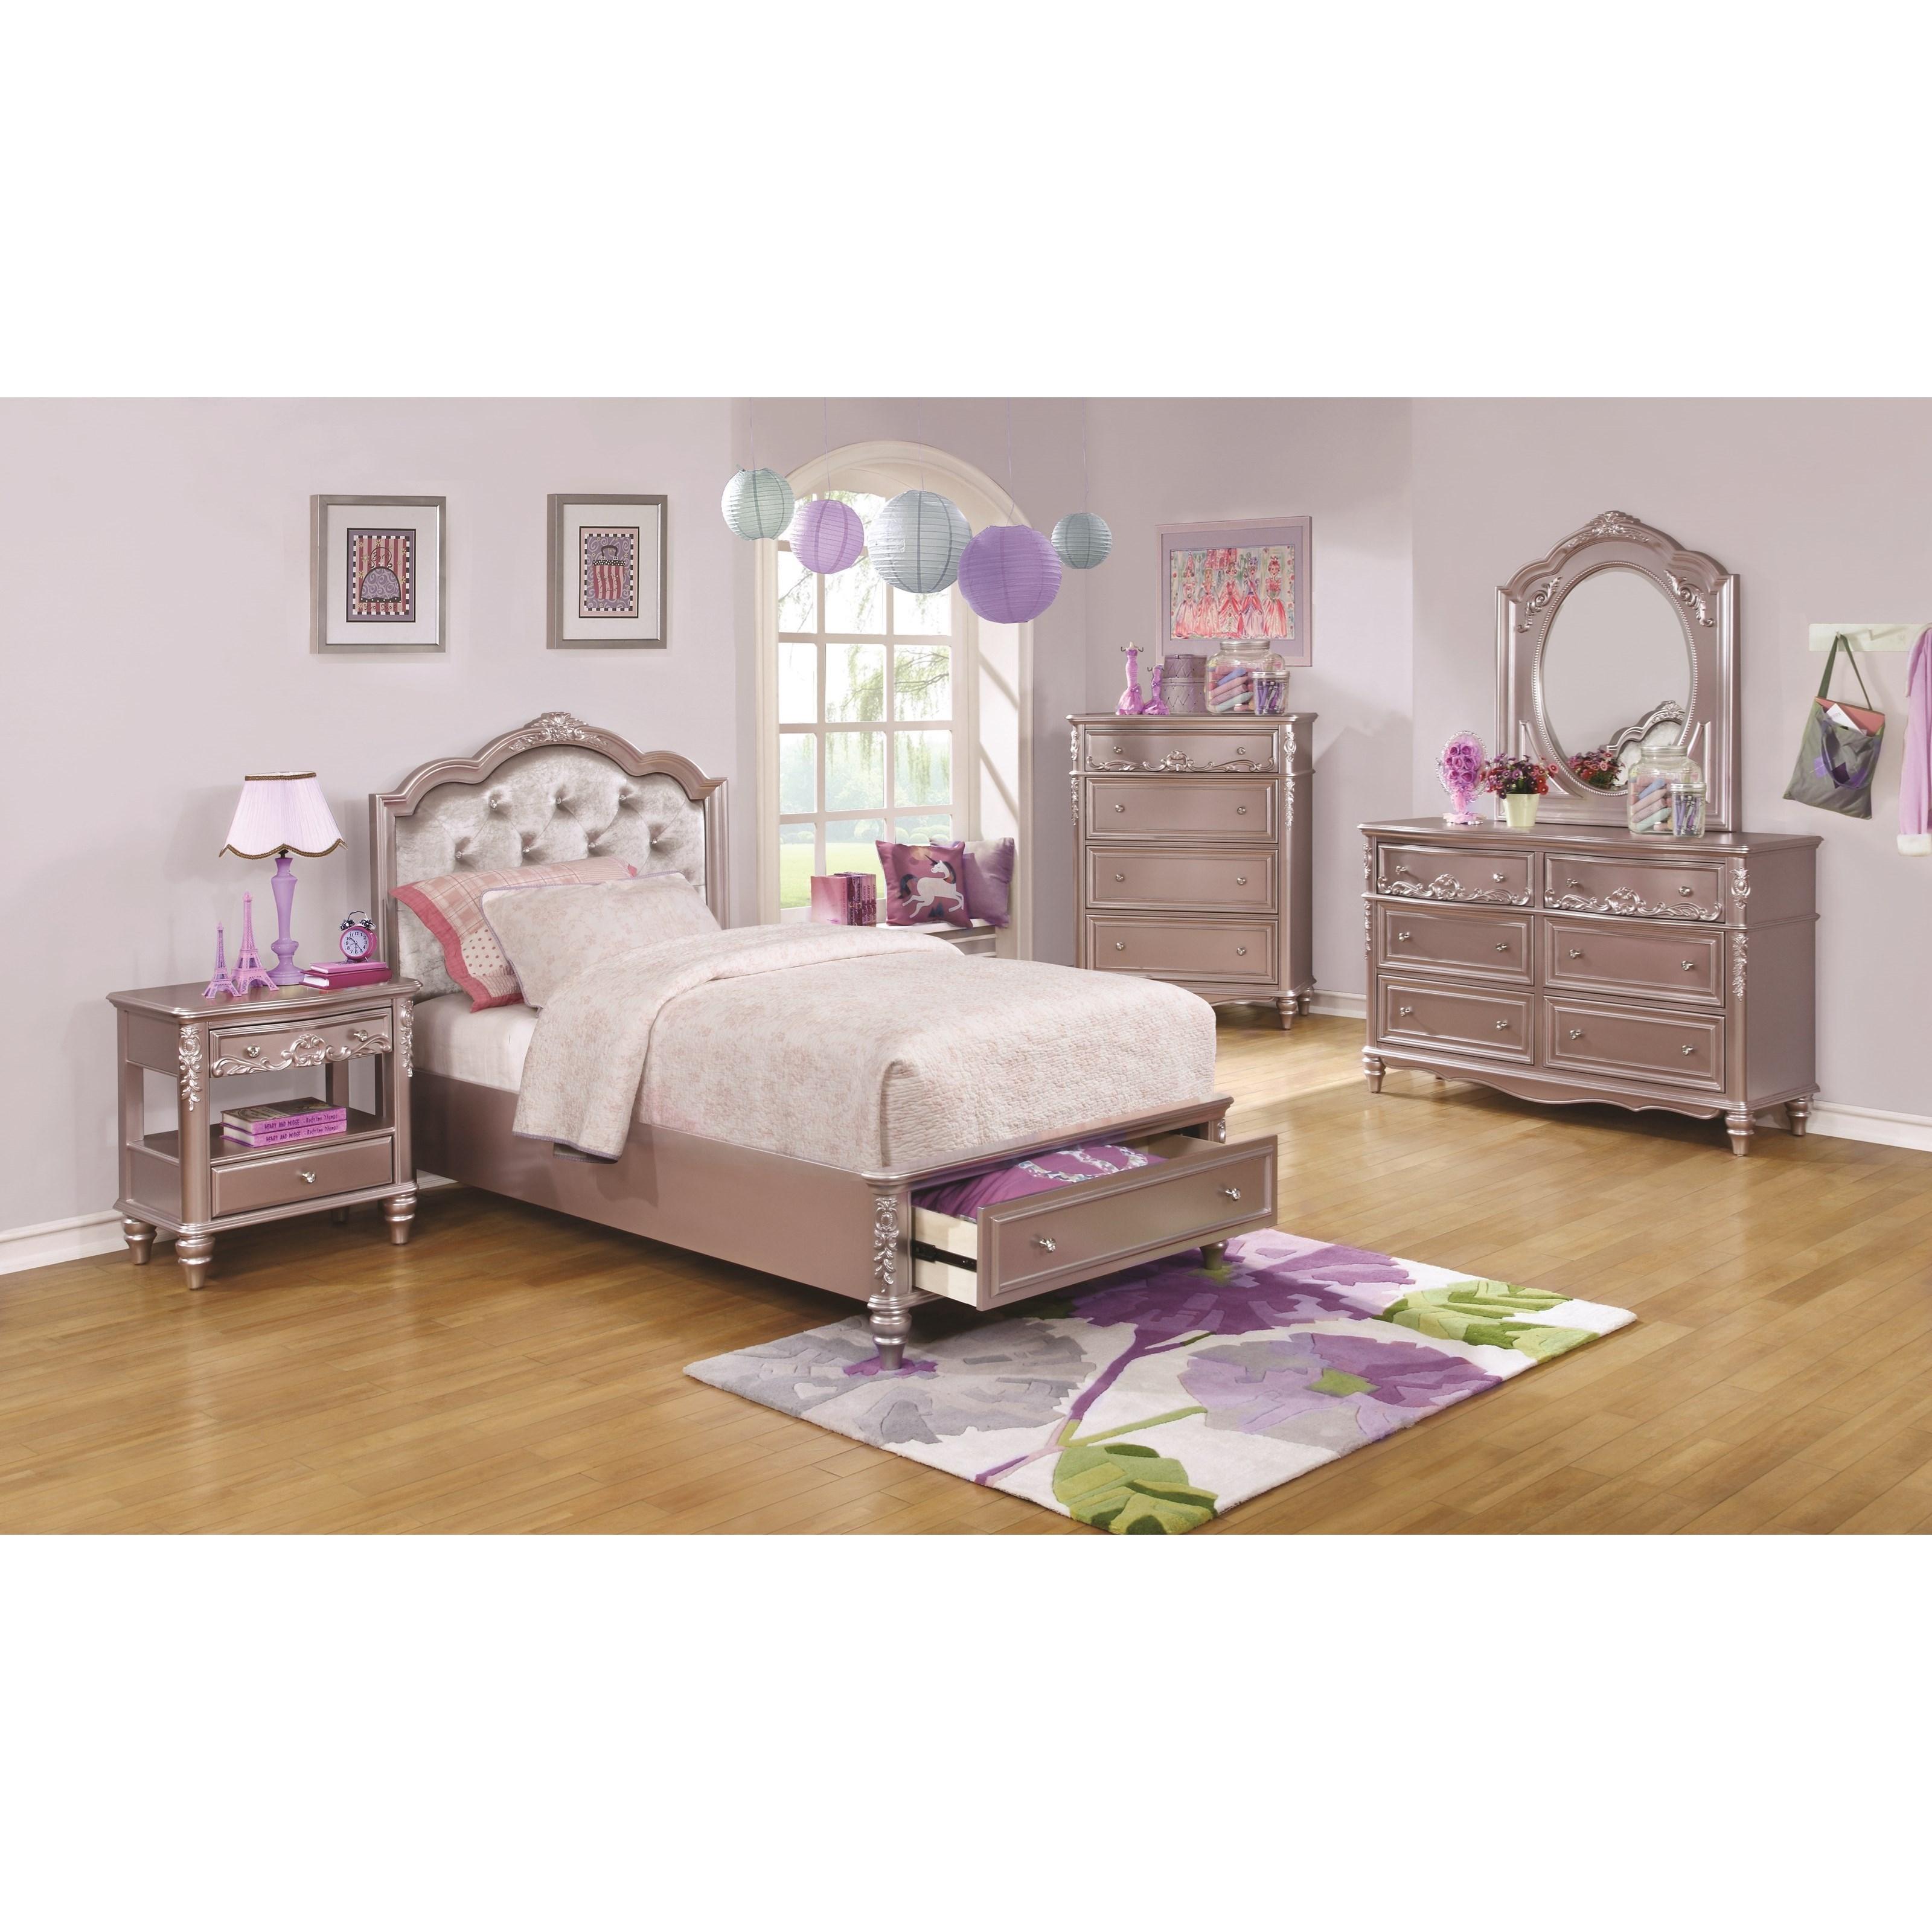 Coaster Caroline Full Storage Bedroom Group - Item Number: 40089 F Bedroom Group 2